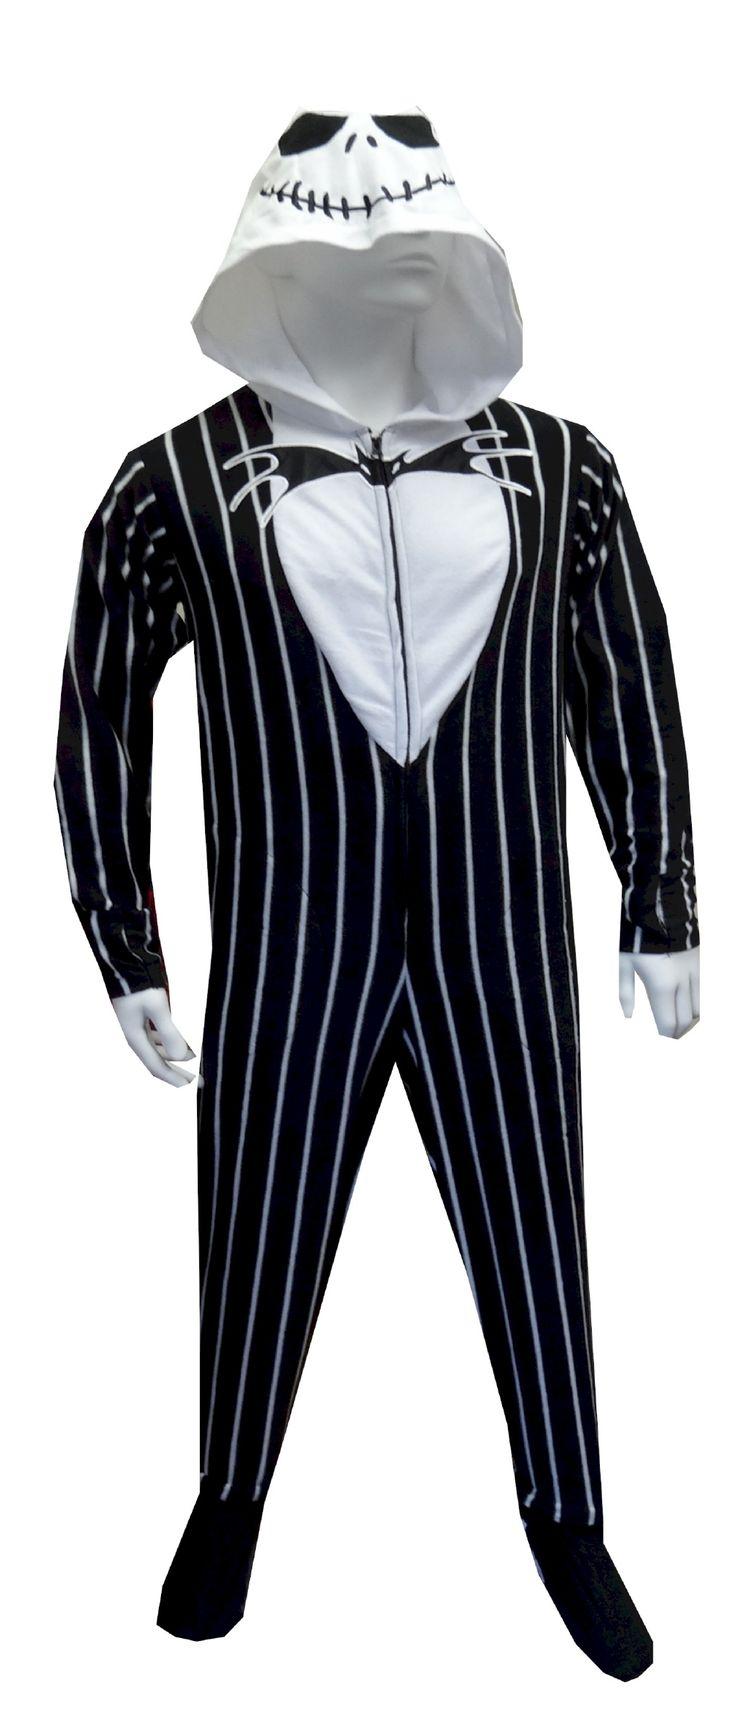 Nightmare before christmas jack skellington adult footie pajama i